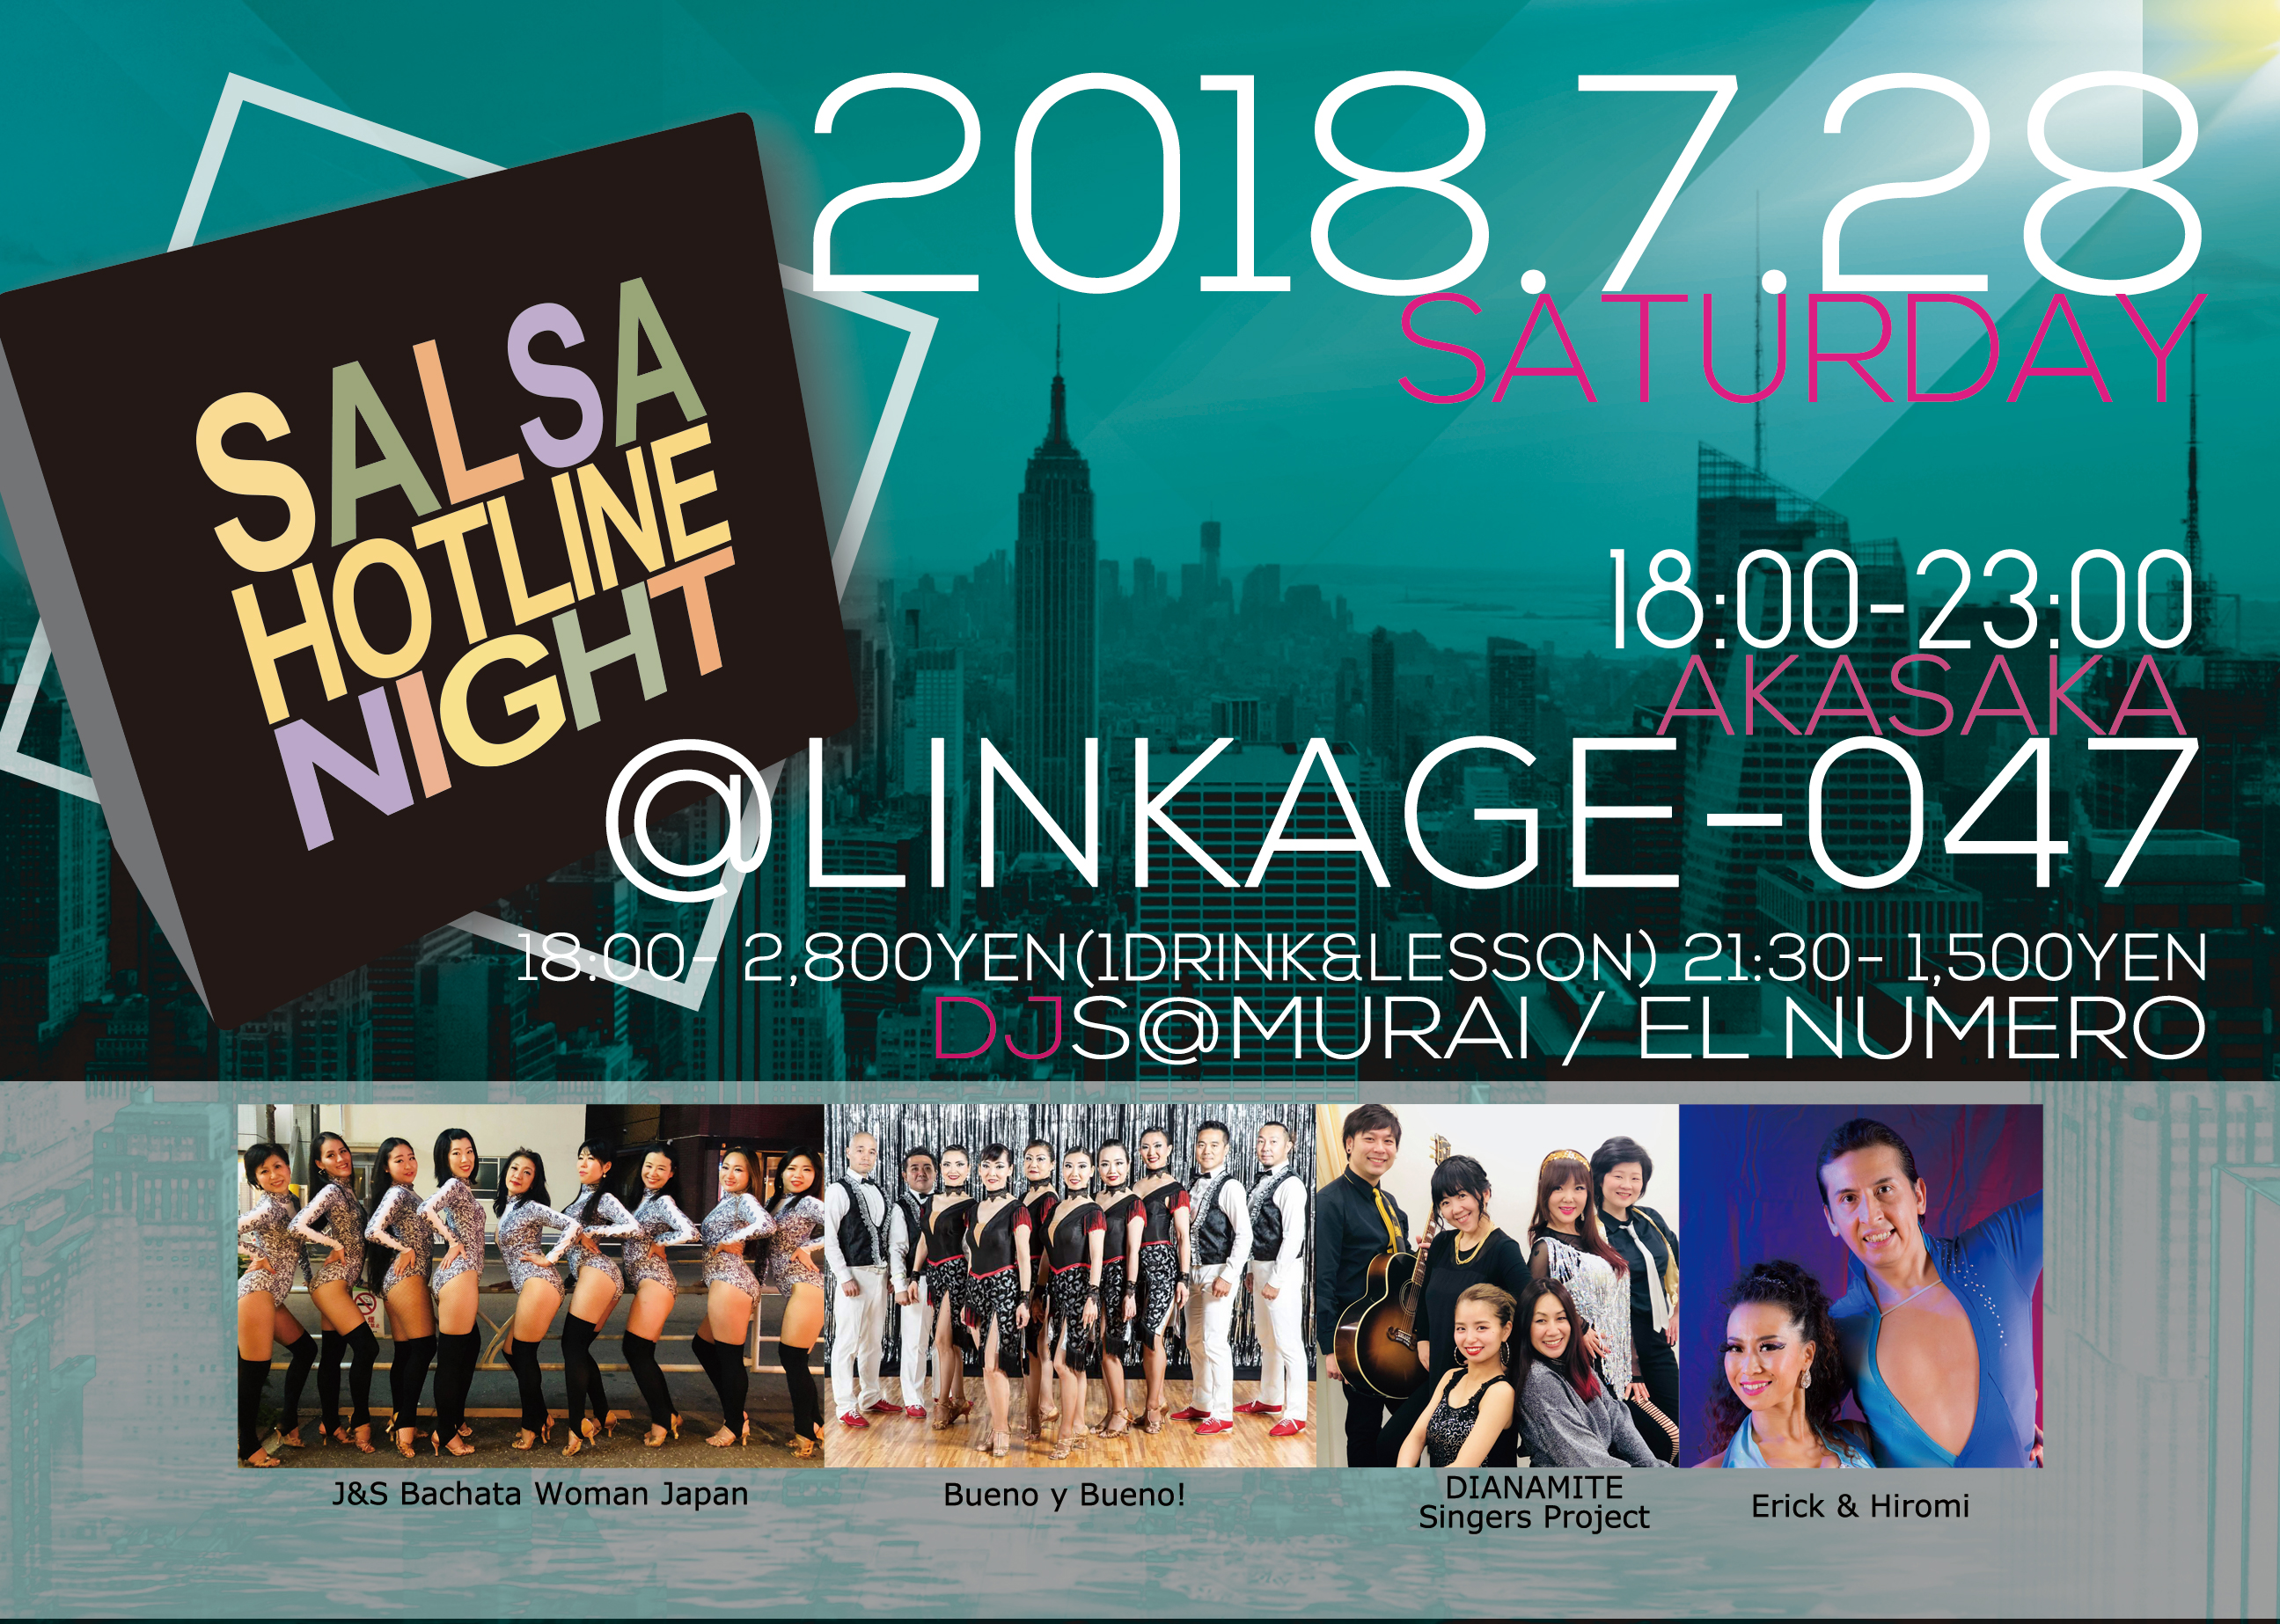 第242回 Salsa Hotline Night(サルホナイト)Lesson by Erick & Hiromi ( E O dance company) PF by Bueno y Bueno!、DIANAMITE Singers Project、Erick & Hiromi 、J&S Bachata Woman Japan @ Linkage-047